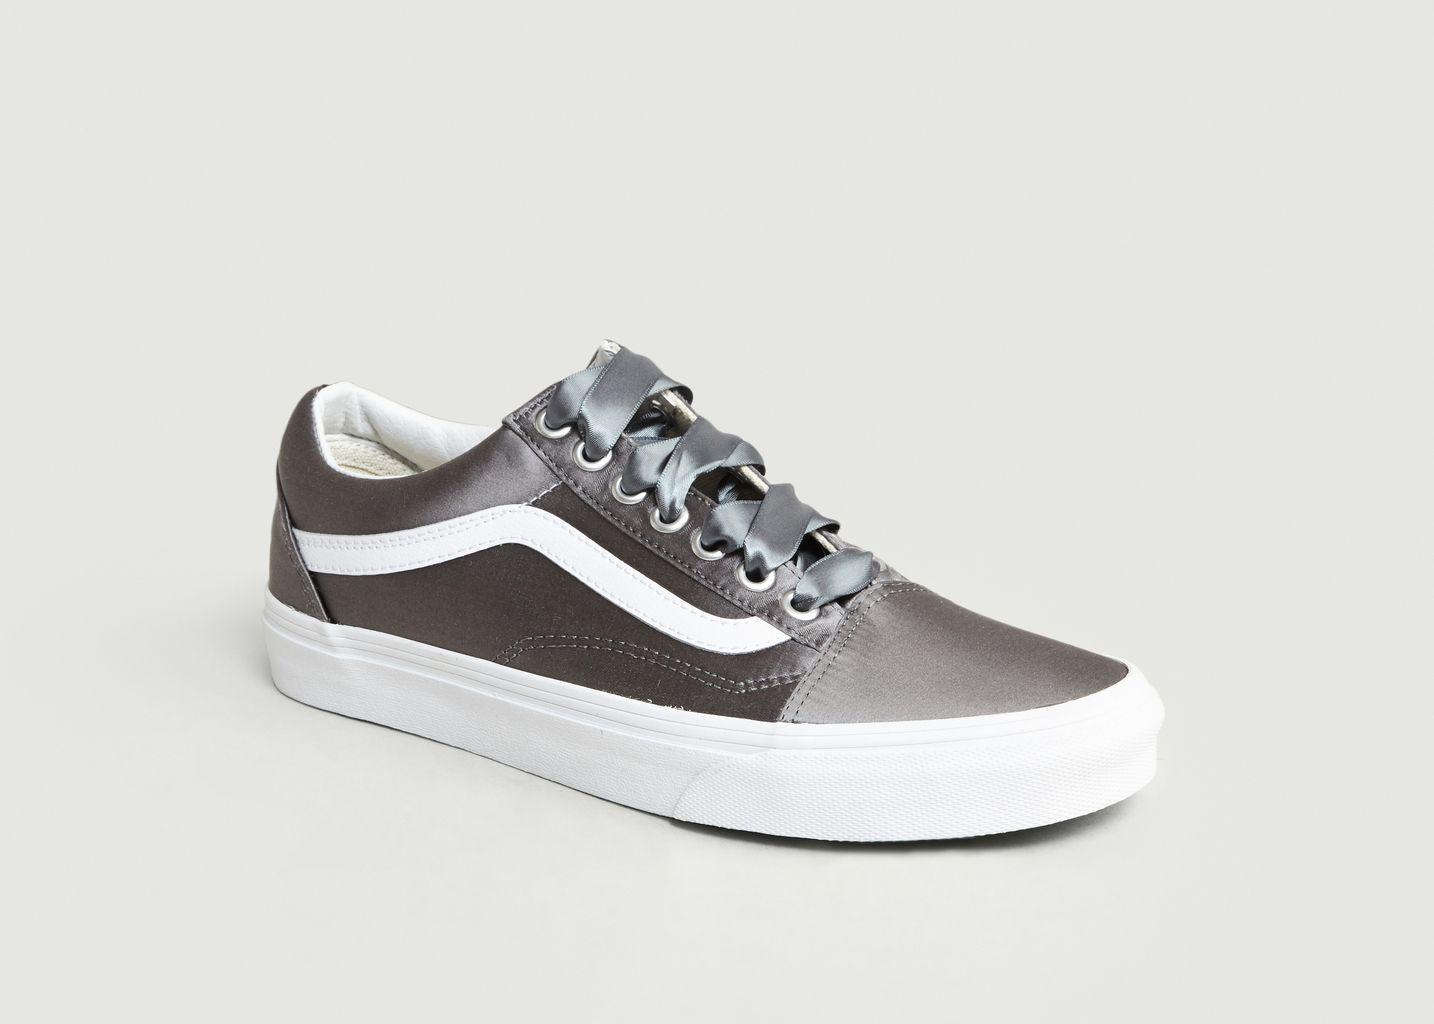 chaussures vans old skool damier